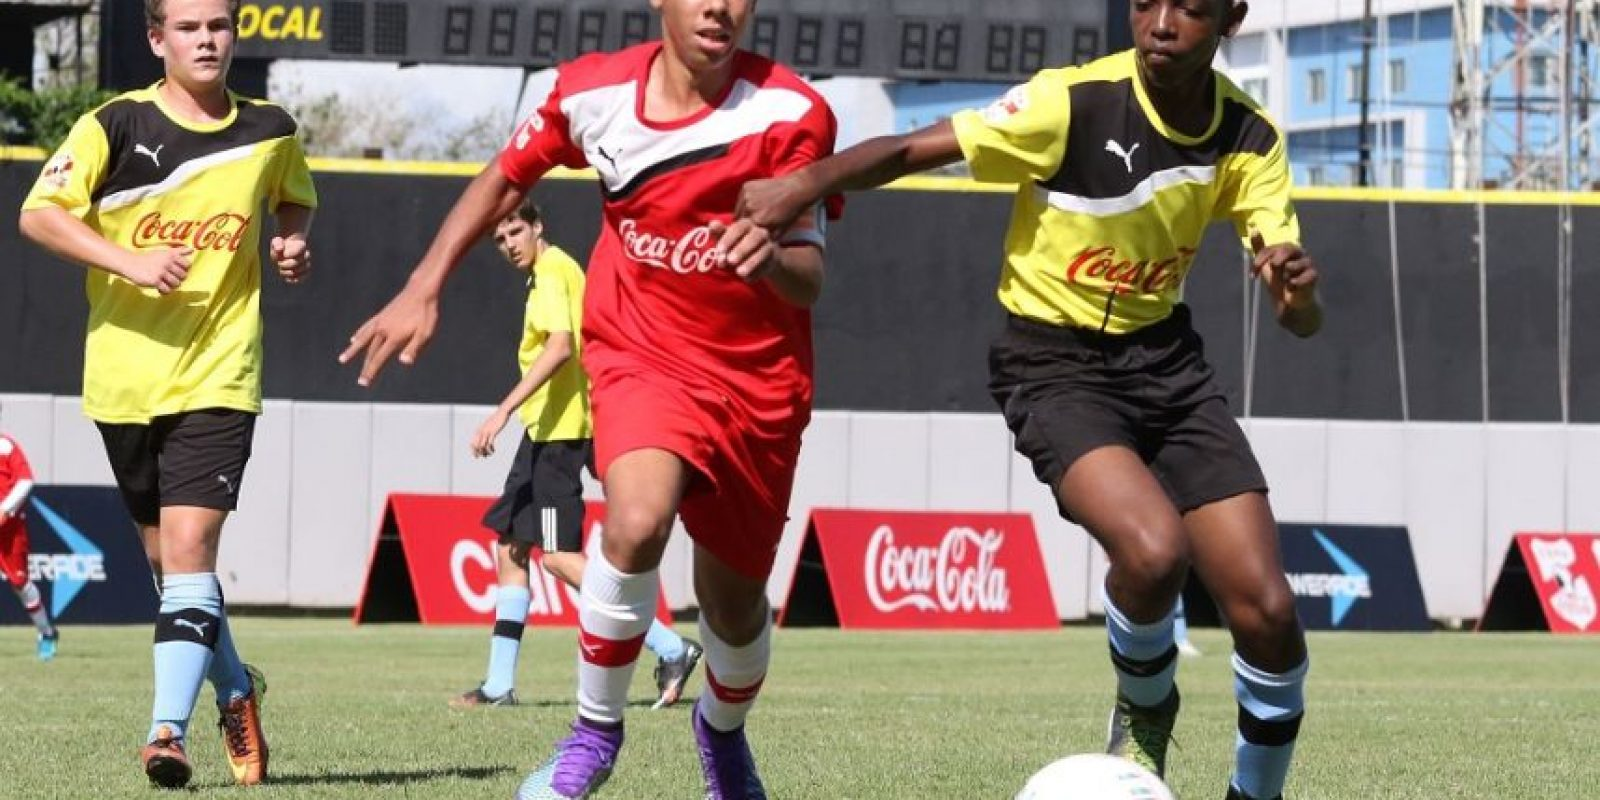 Acción del partido entre los equipos Liceo Francés y CEMEP durante la ronda de grupos de la etapa capitaleña de la Copa Coca-Cola de Fútbol Int Foto:Fuente externa